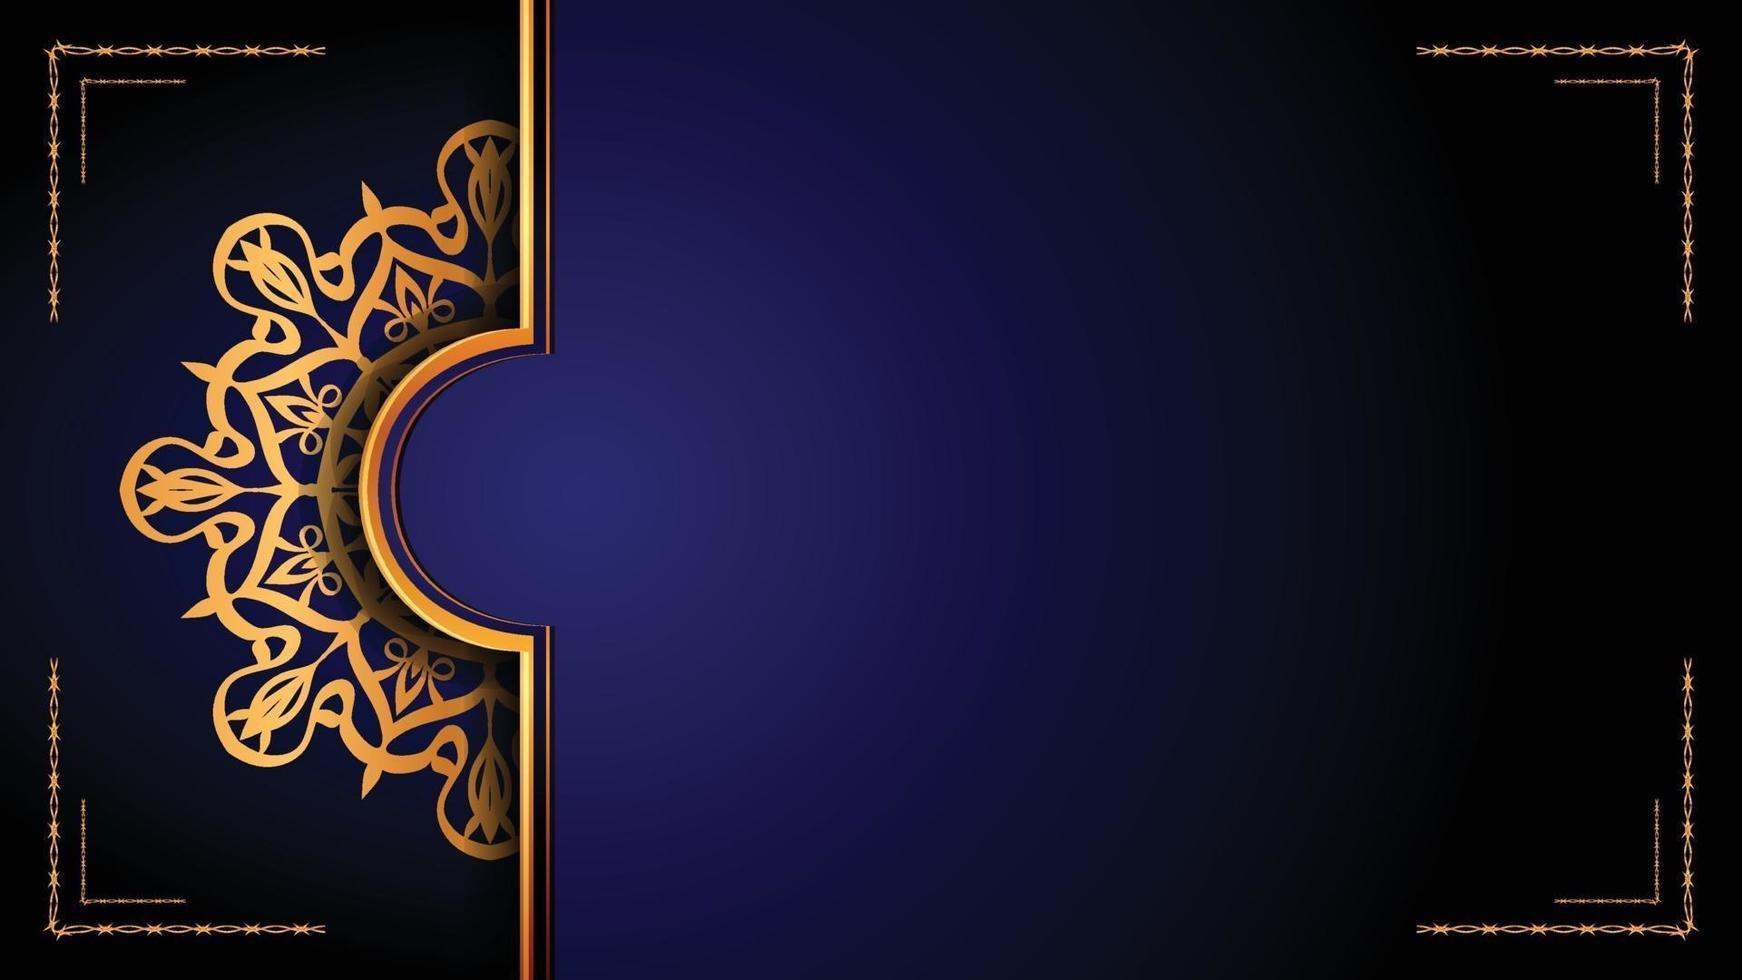 design di sfondo ornamentale mandala di lusso con stile arabesco dorato. ornamento decorativo mandala per stampa, brochure, banner, copertina, poster, carta di invito. vettore